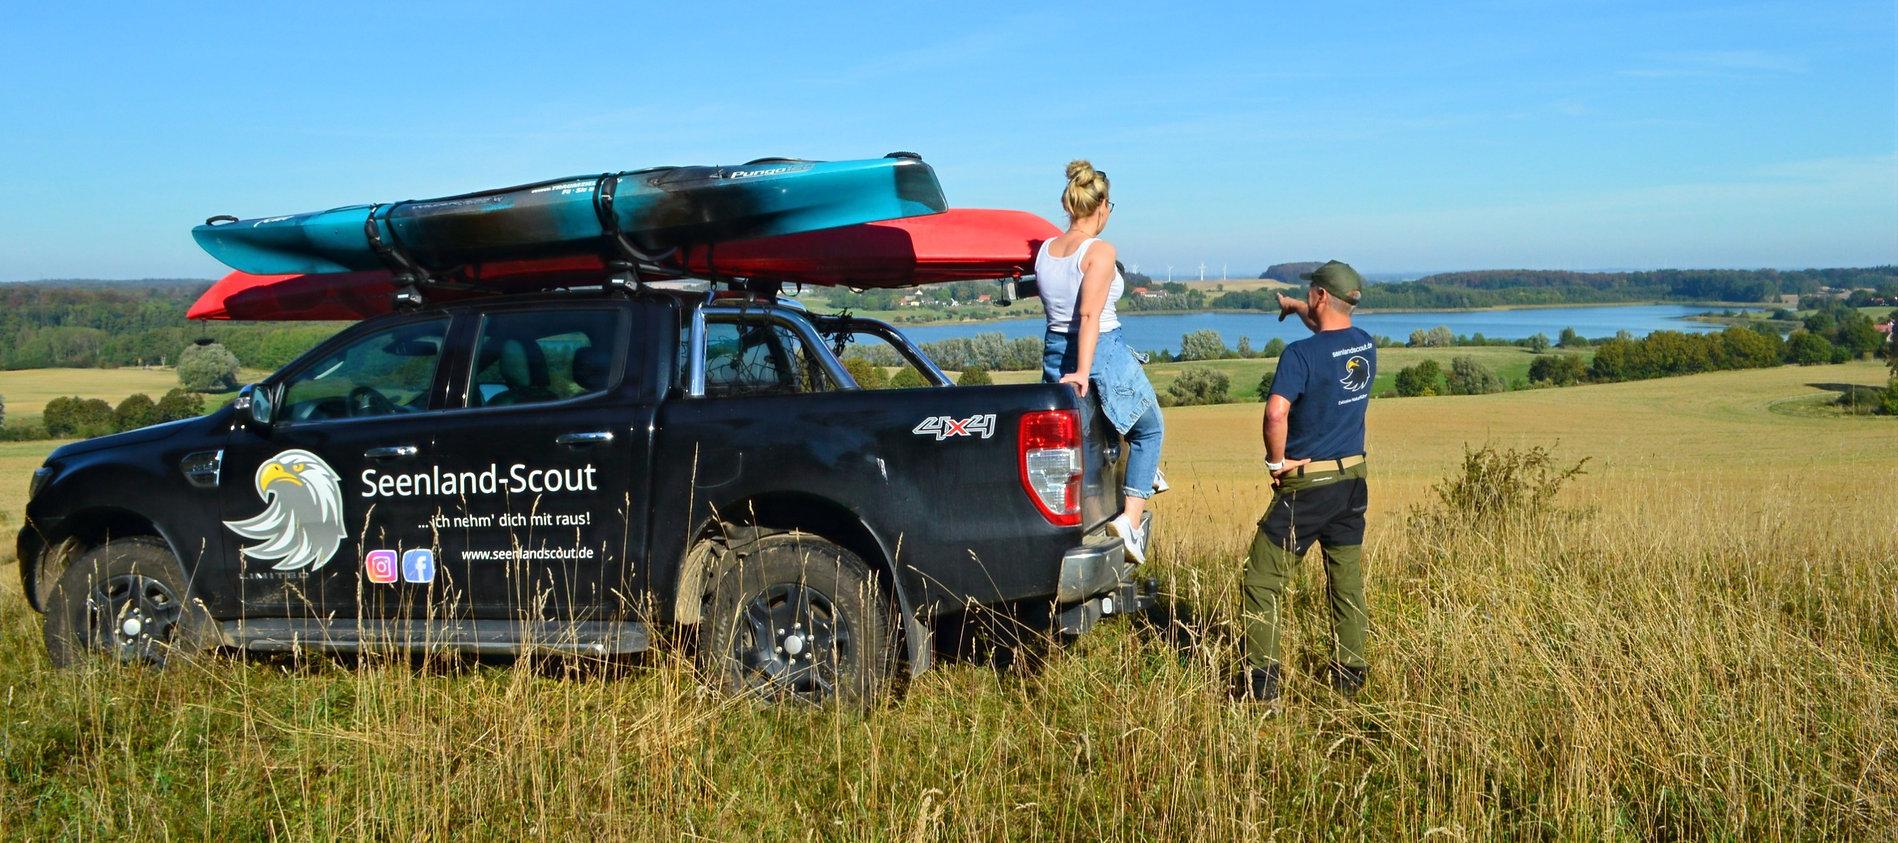 Mit dem Geländewagen im Seenland